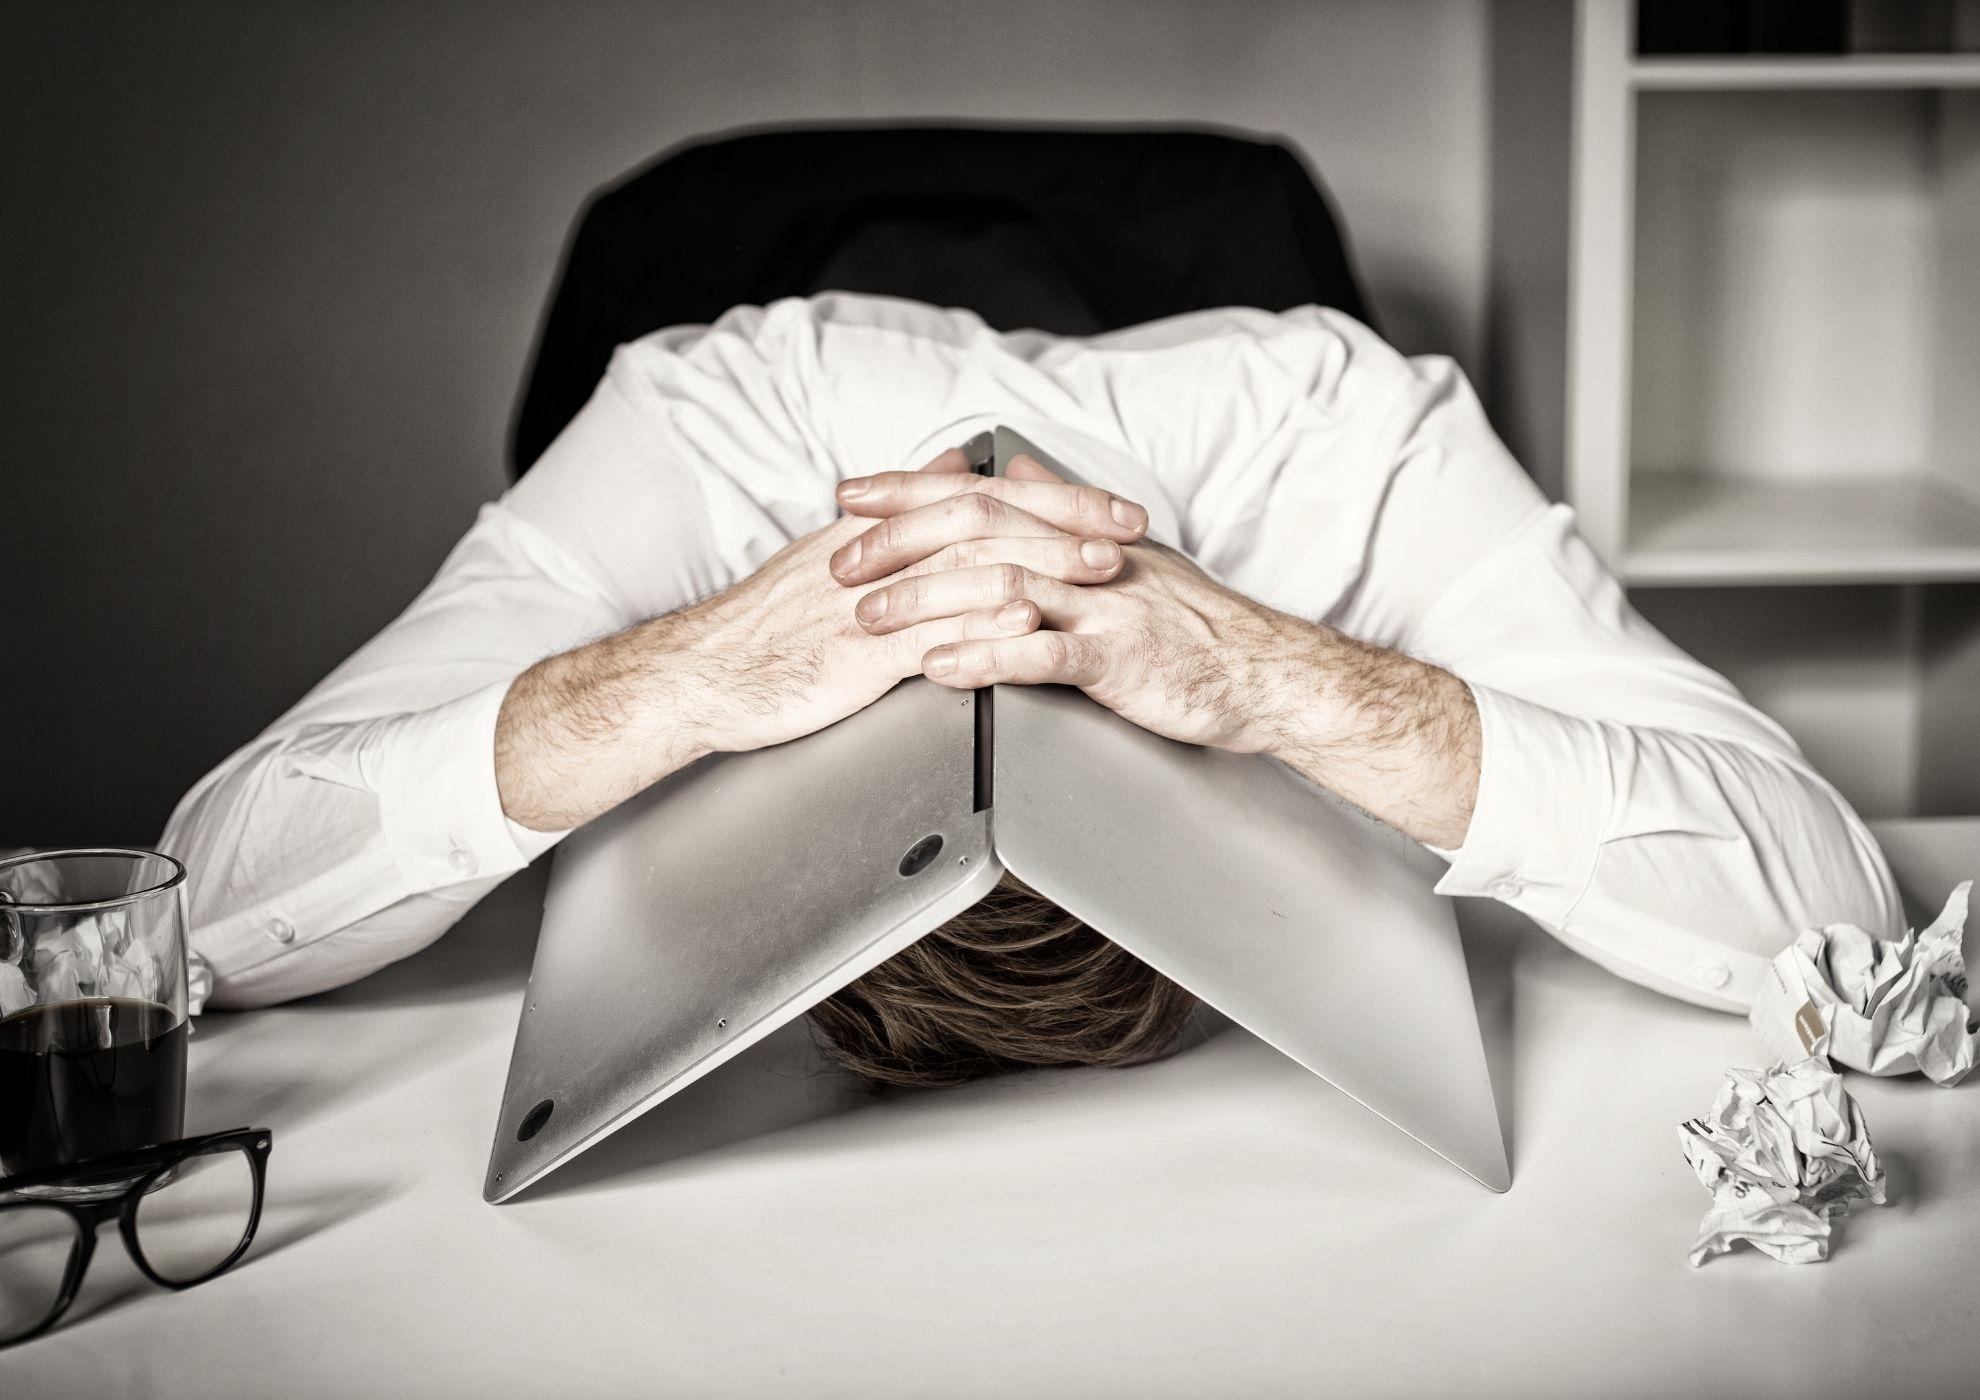 Un hombre esconde su cabeza bajo el portatil, desesperado